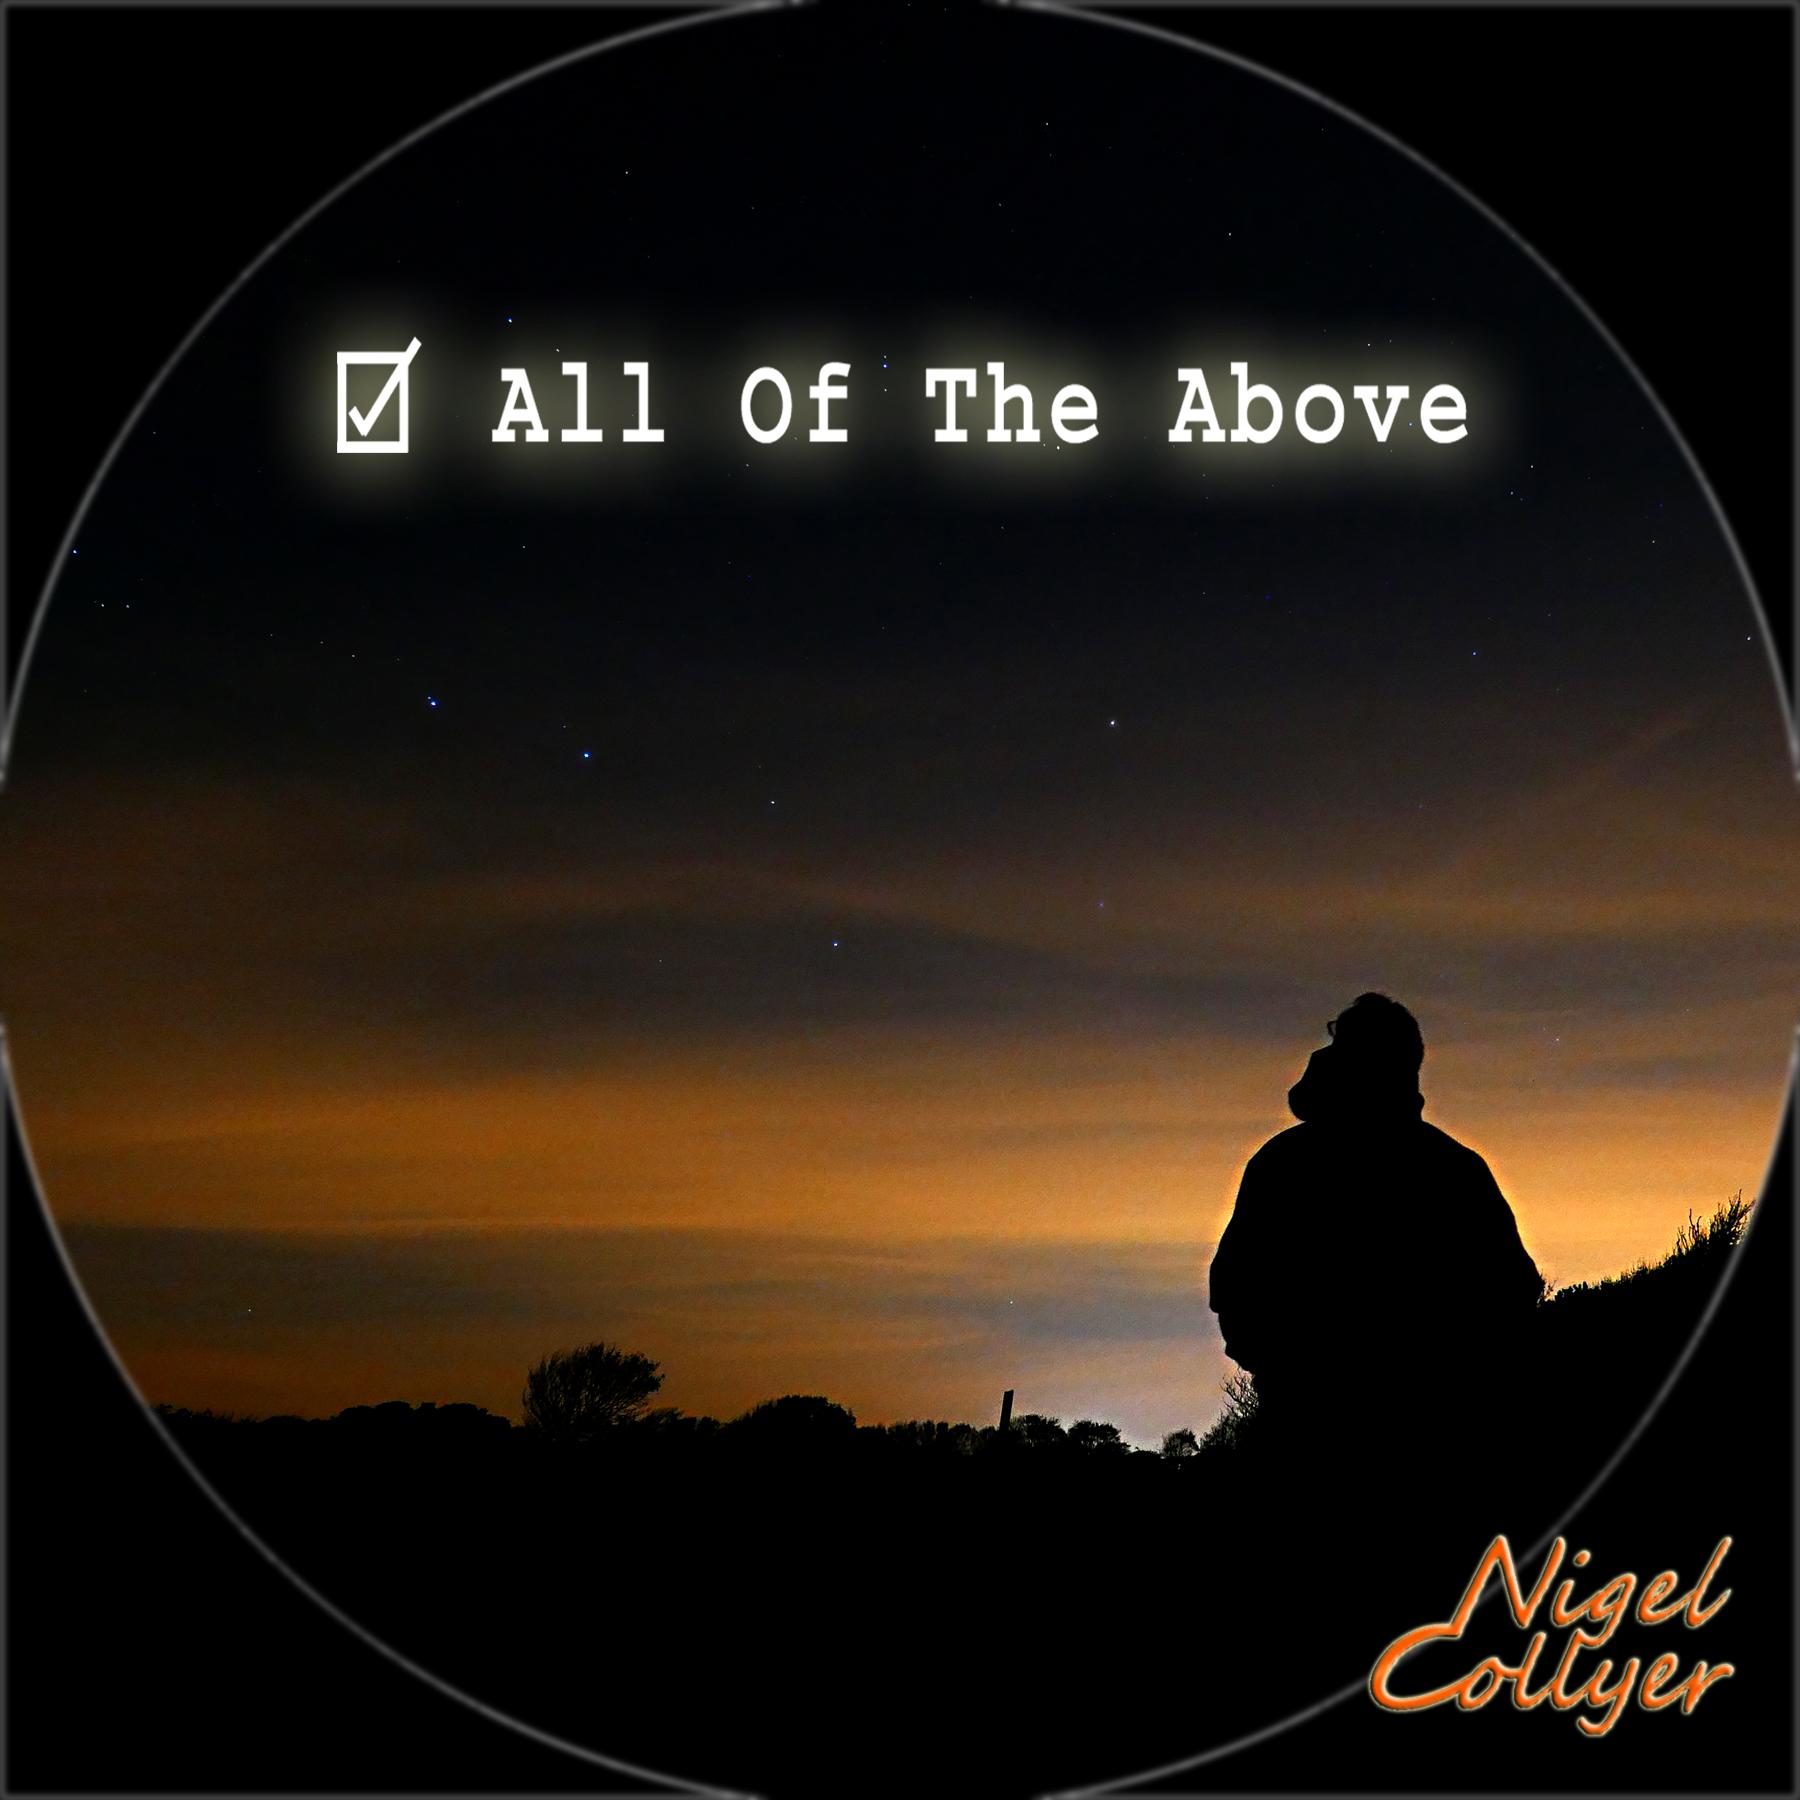 albumcover_01privatemetadataversion_1jpg